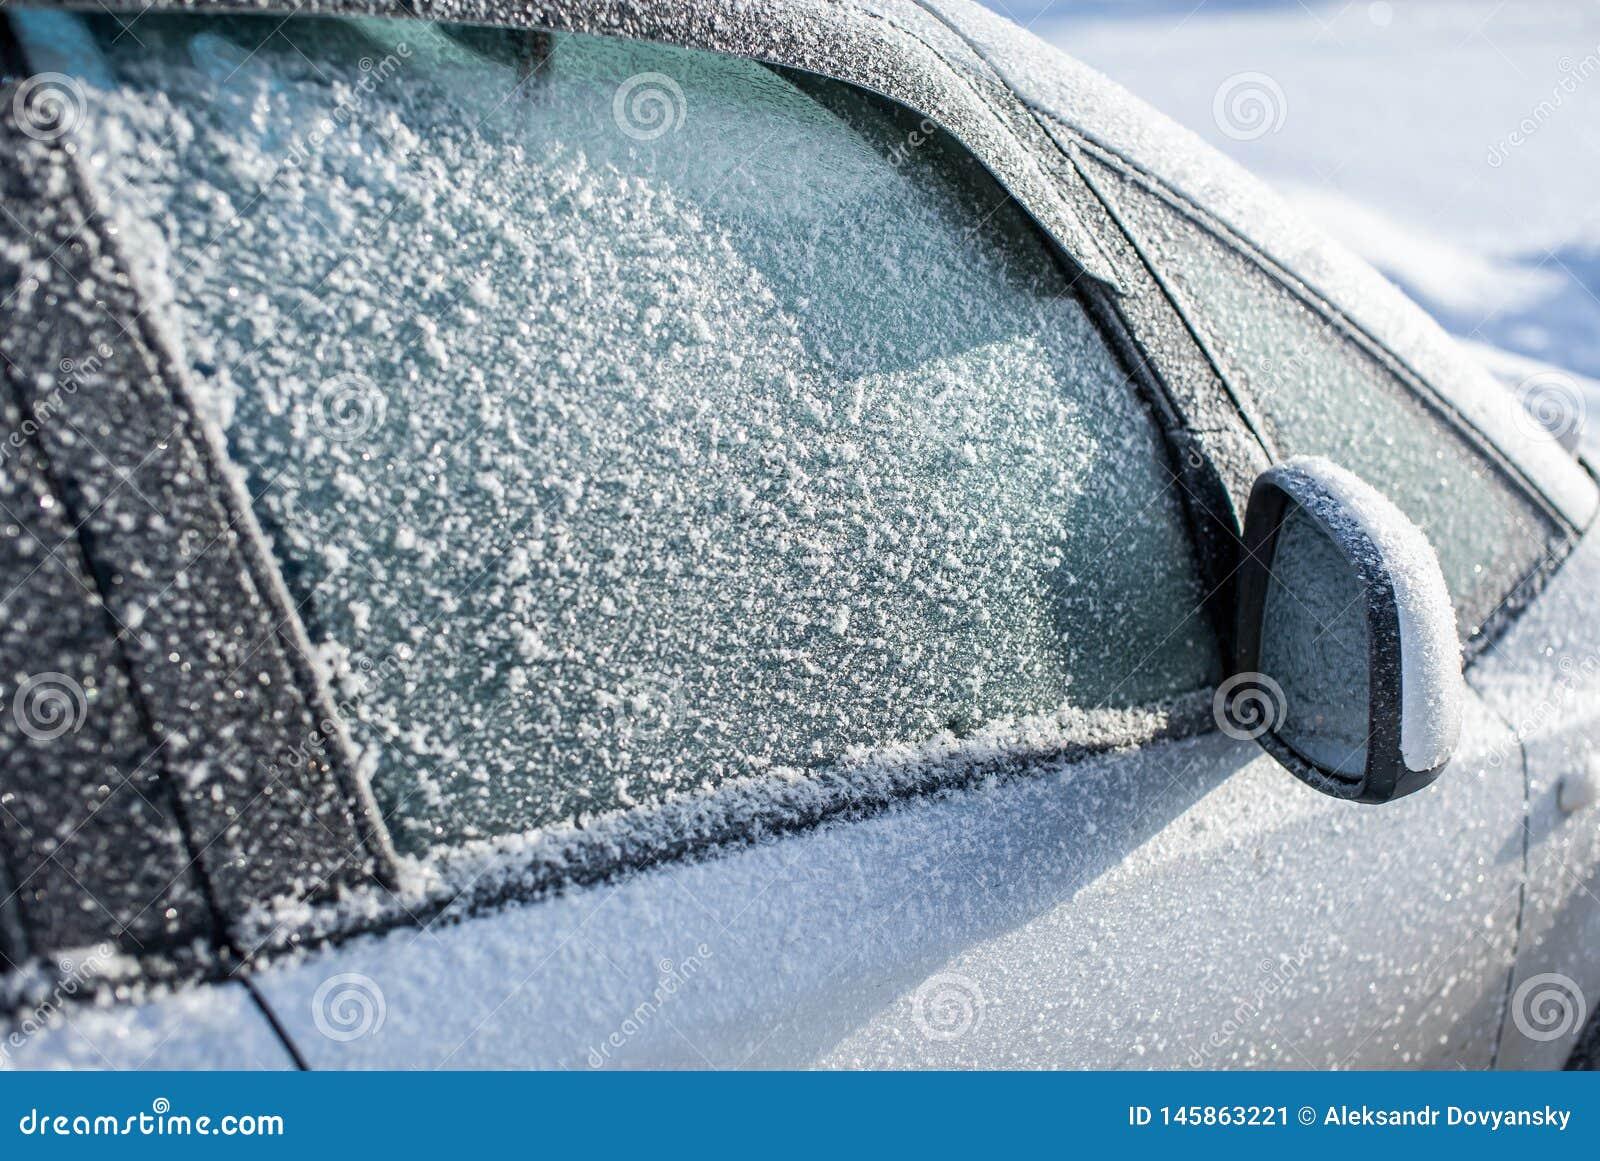 Bevroren automobieldieglas met ijs wordt behandeld